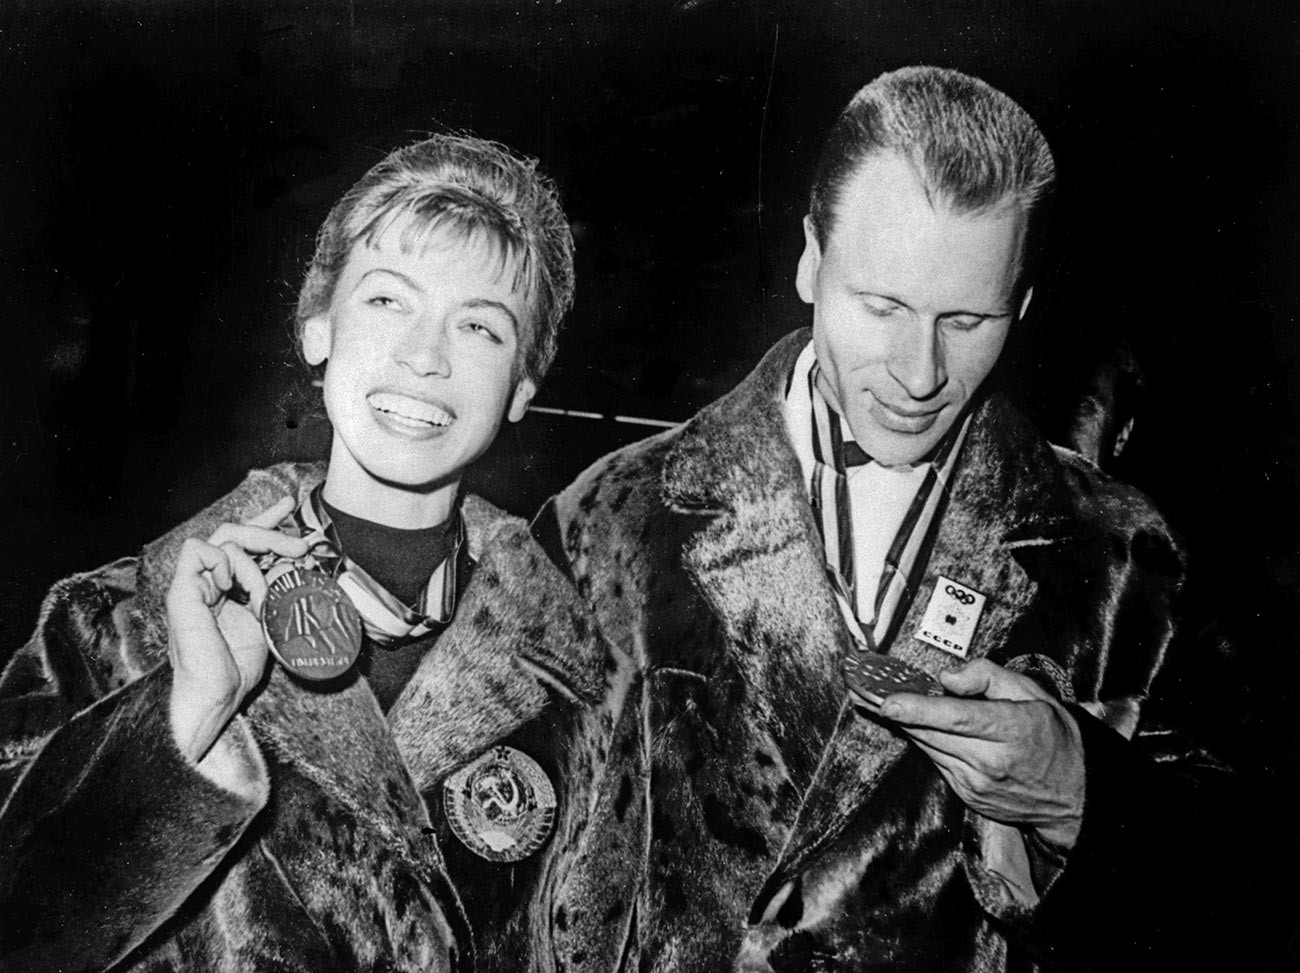 リュドミラ・ベロウソワとオレグ・プロトポポフ